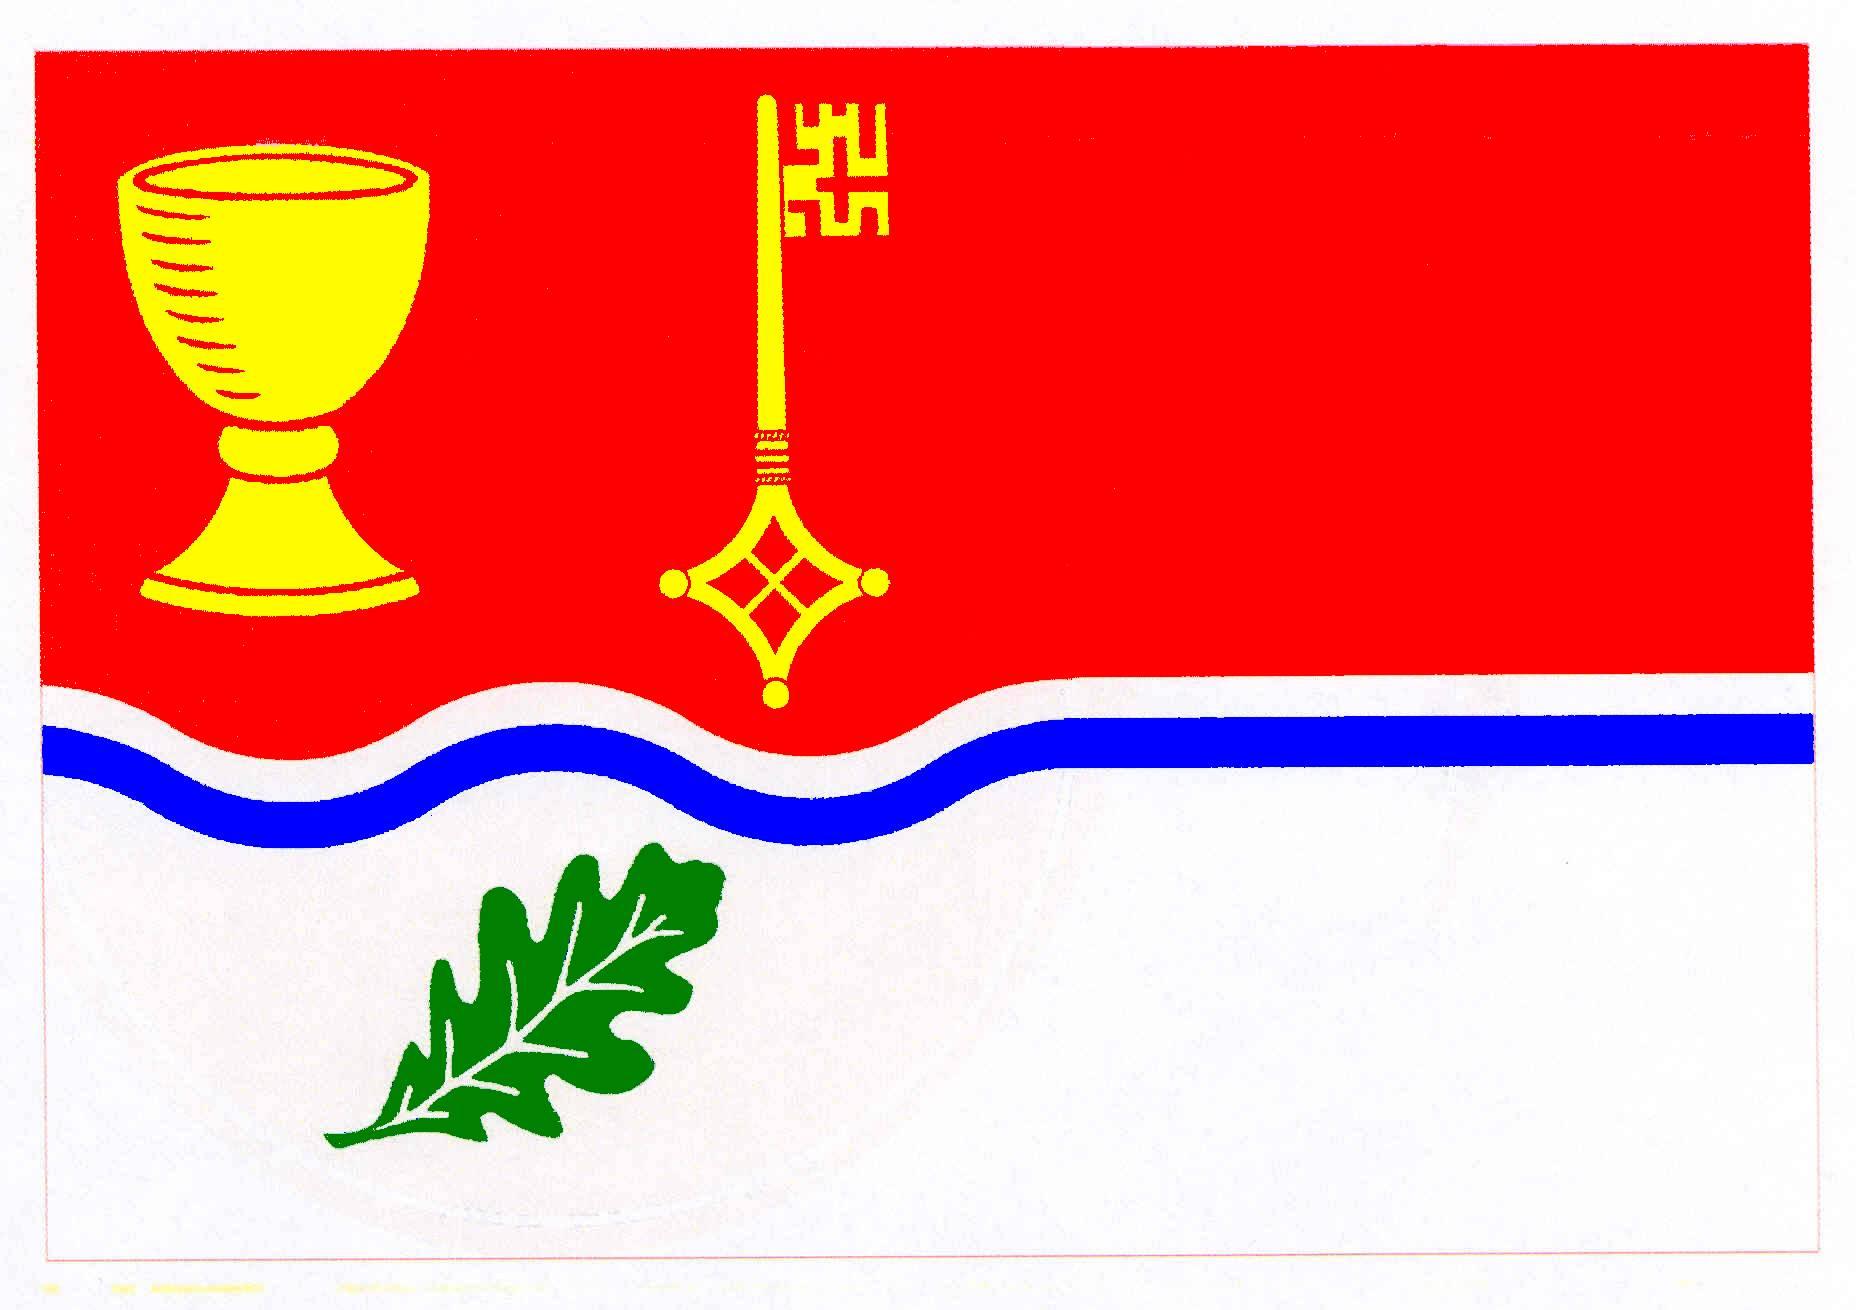 Flagge GemeindeZarpen, Kreis Stormarn